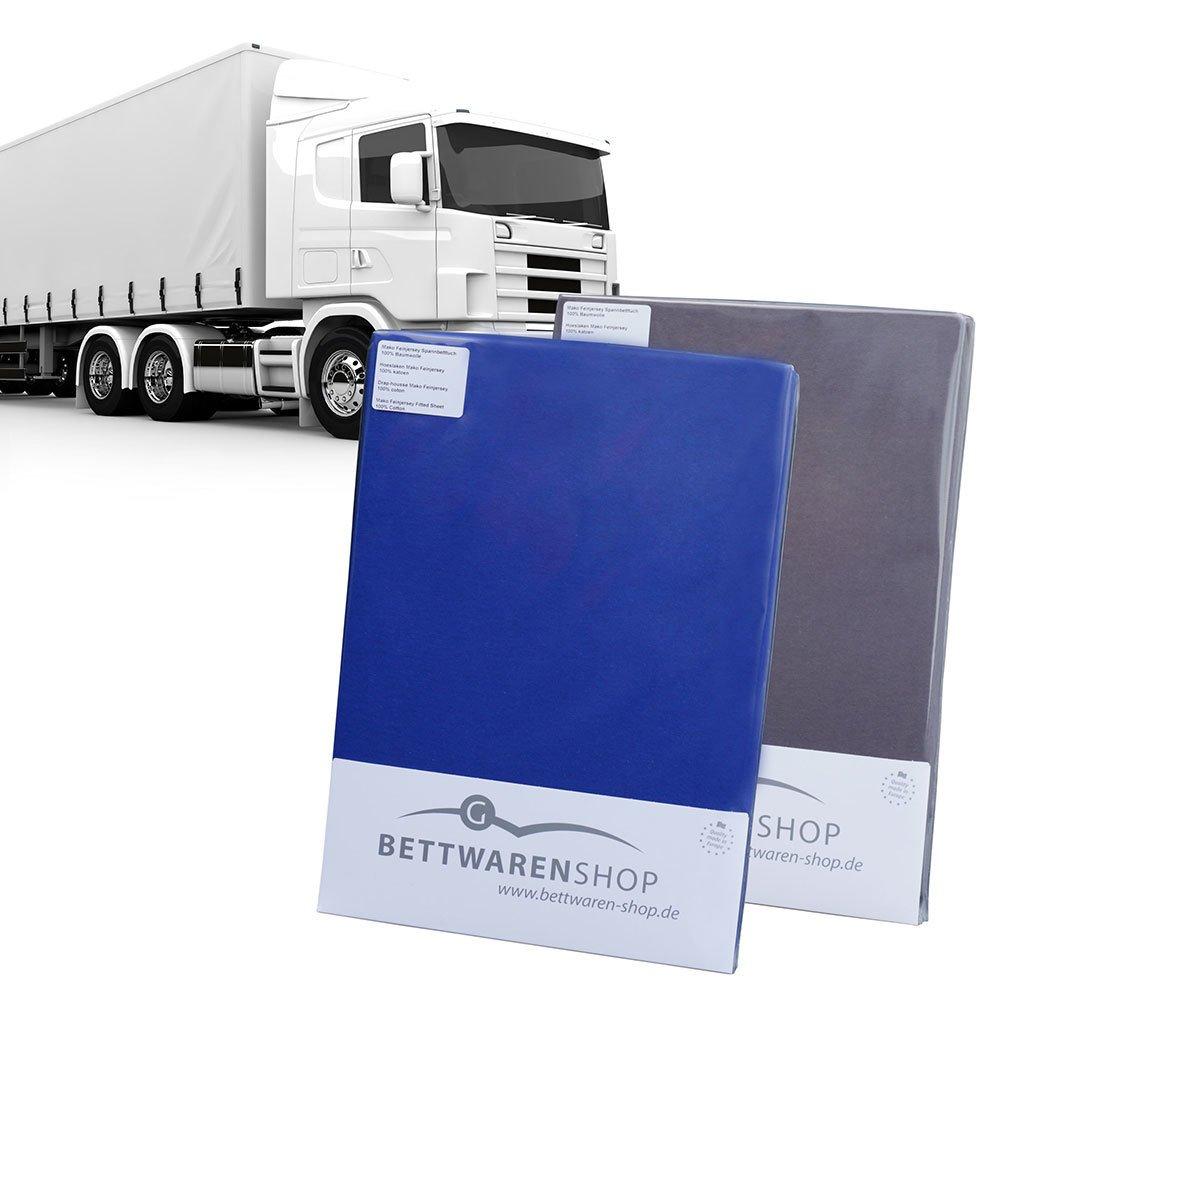 Artículos de cama de Shop sábana bajera para camiones Truck colchones, 100 % algodón, azul real, 75 x 220 cm: Amazon.es: Hogar